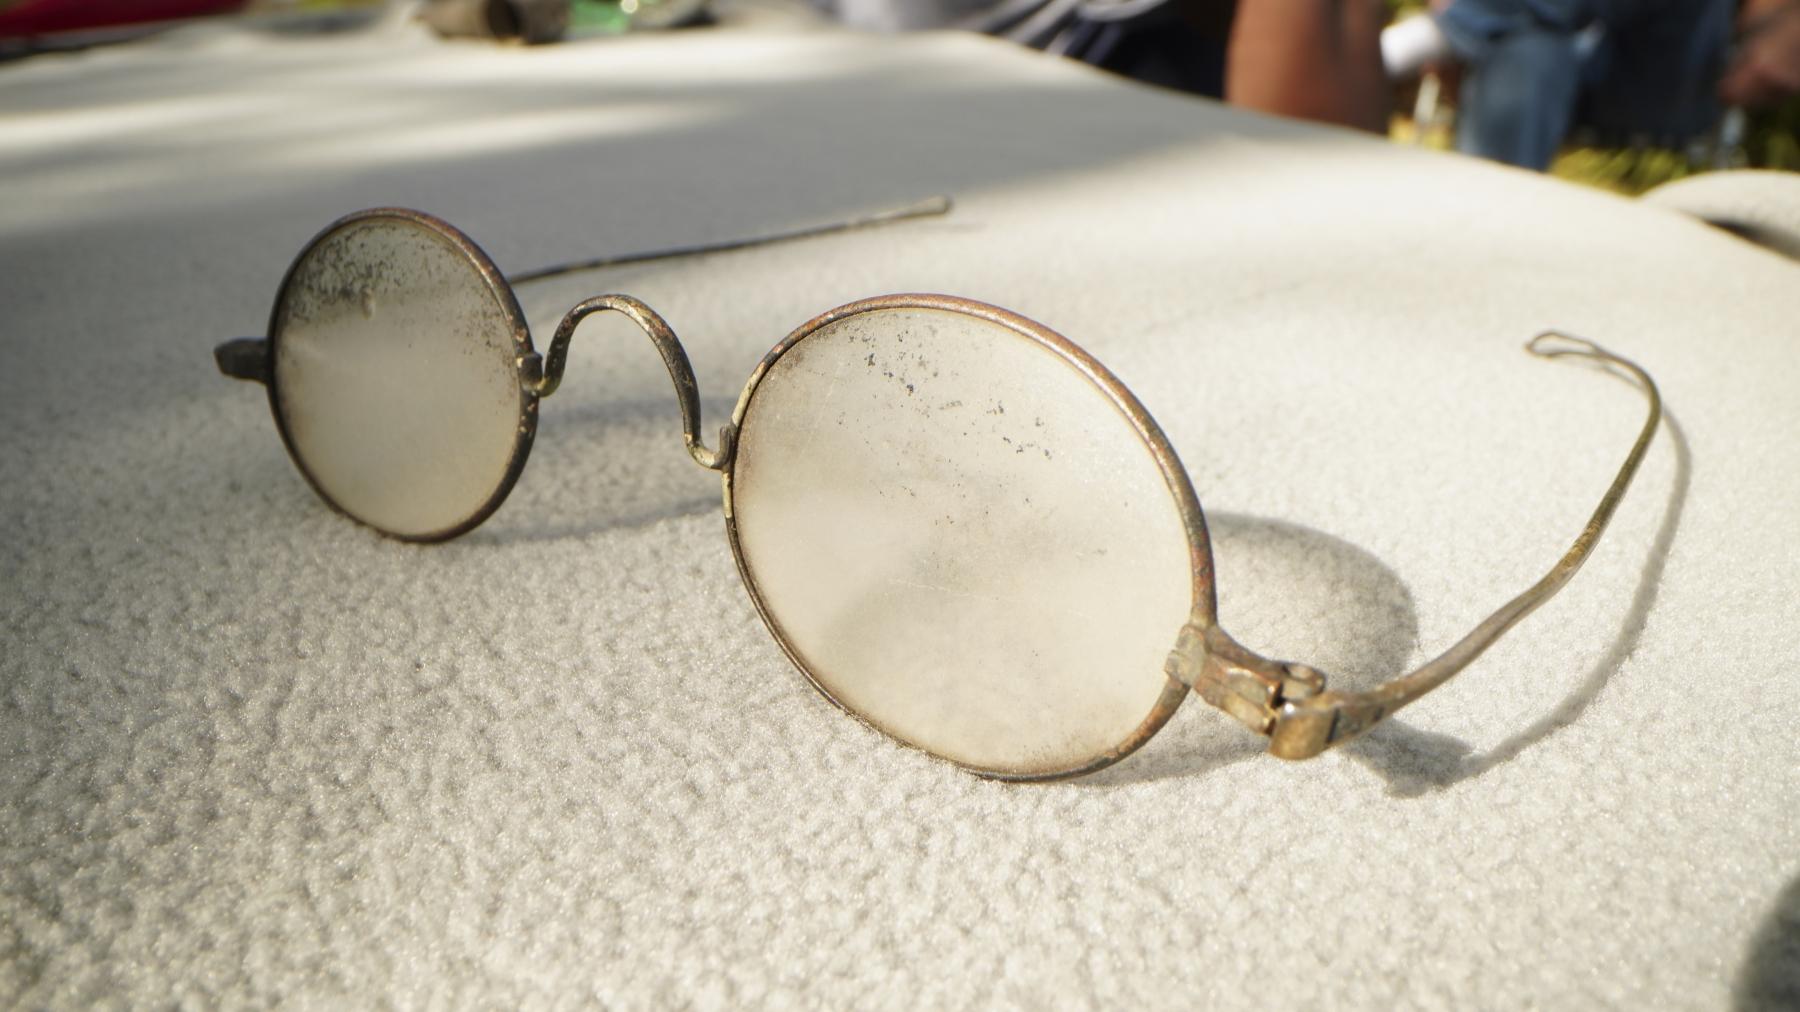 singed-eyeglasses